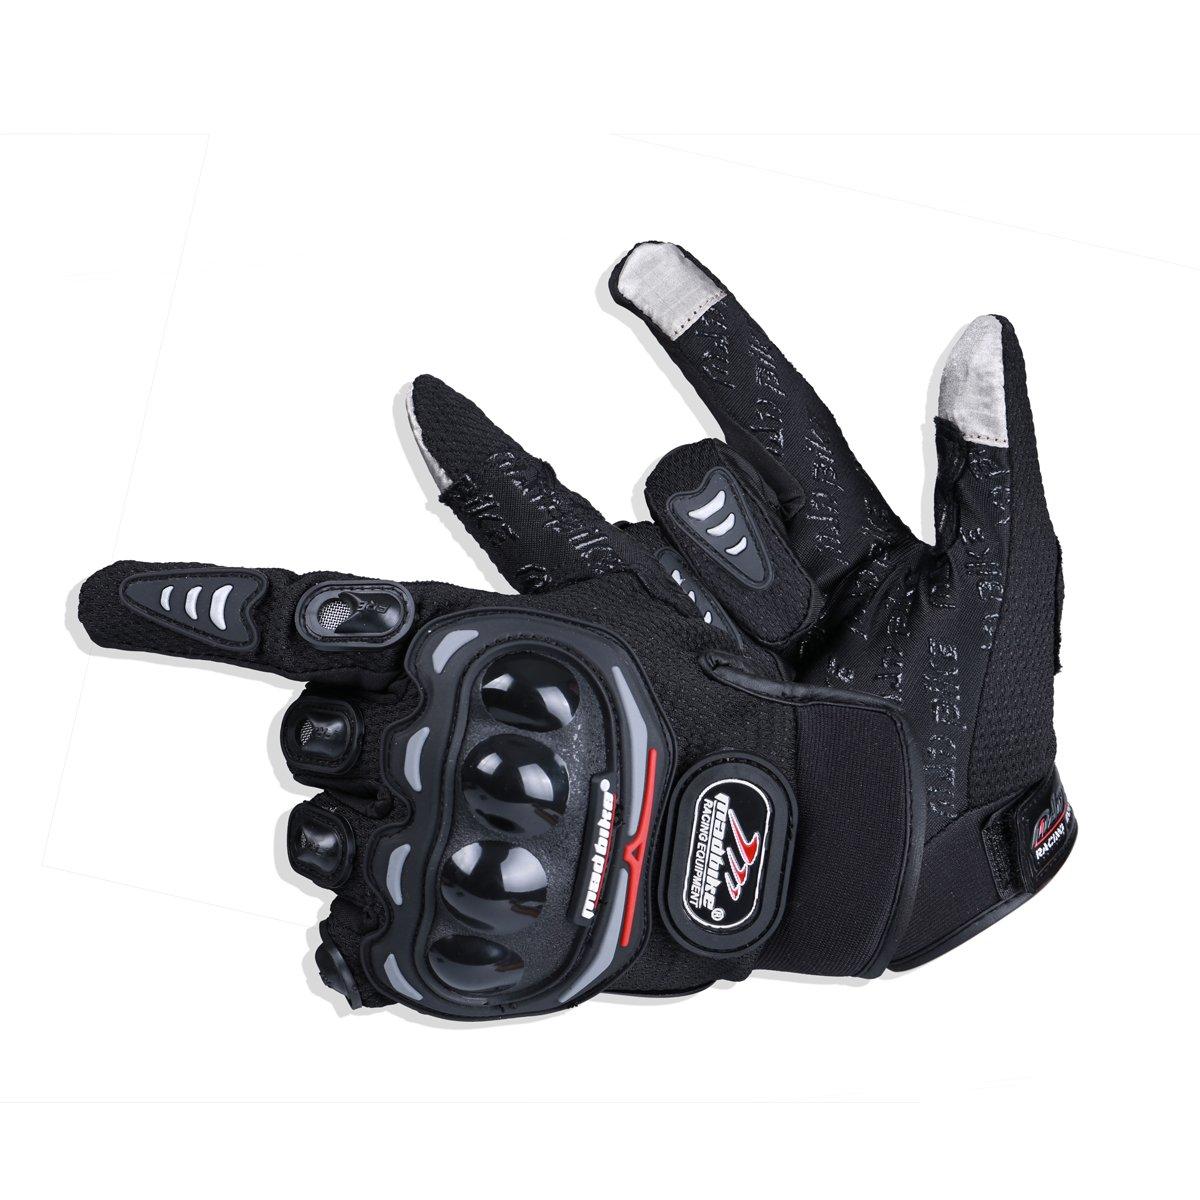 MADBIKE RACING EQUIPMENT Madbike Guanti di motocicletta estiva trasparente trasparente dello schermo di tocco (L, black) Lening MD01-BKL